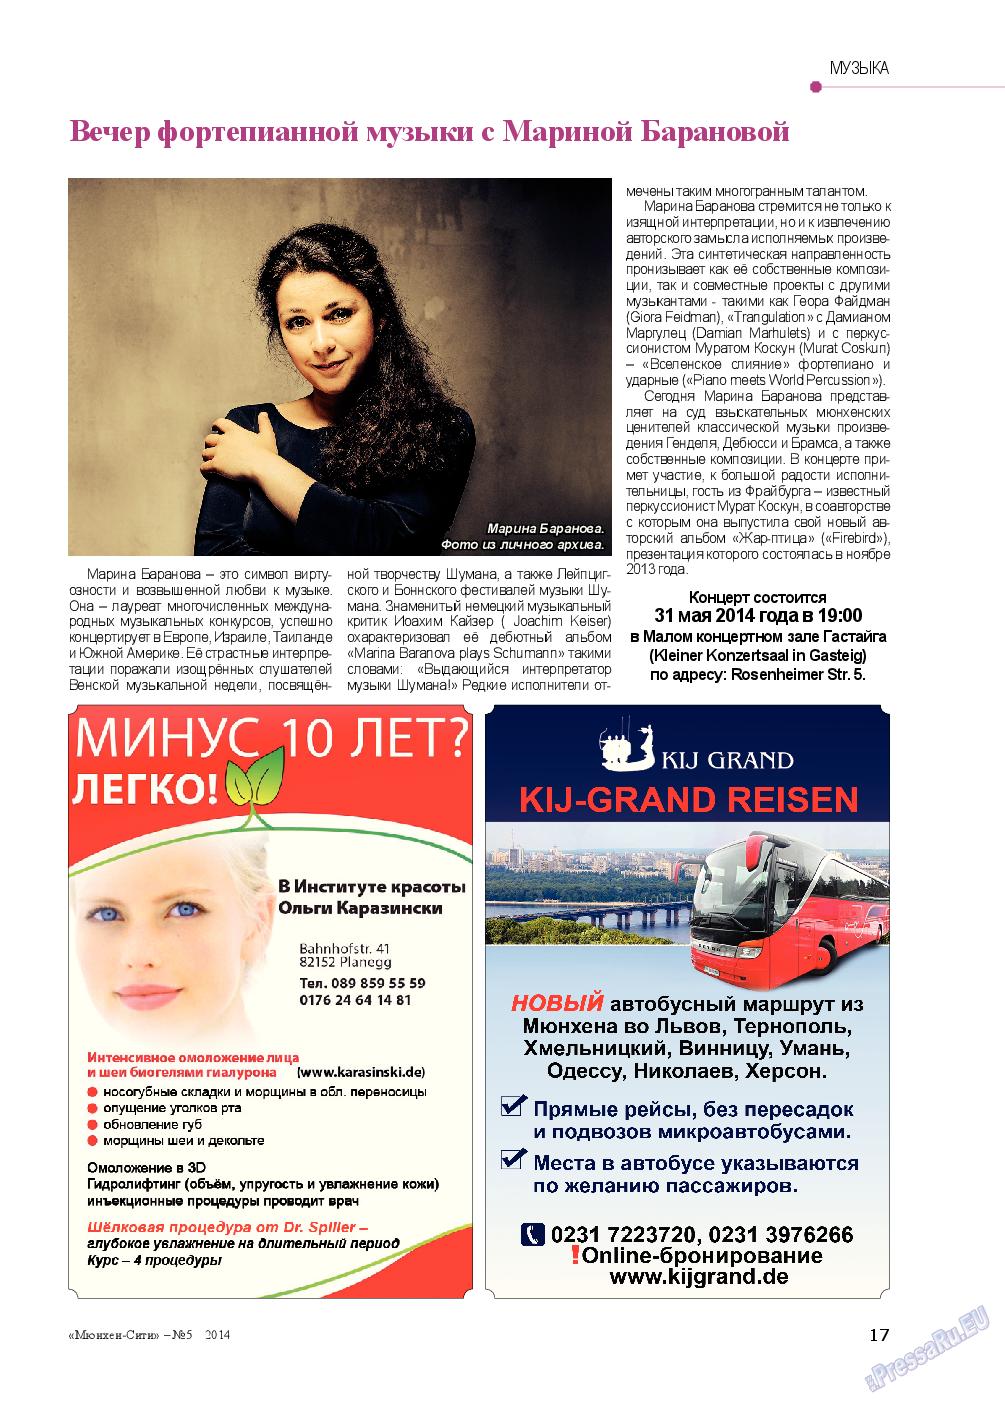 Мюнхен-сити (журнал). 2014 год, номер 5, стр. 17